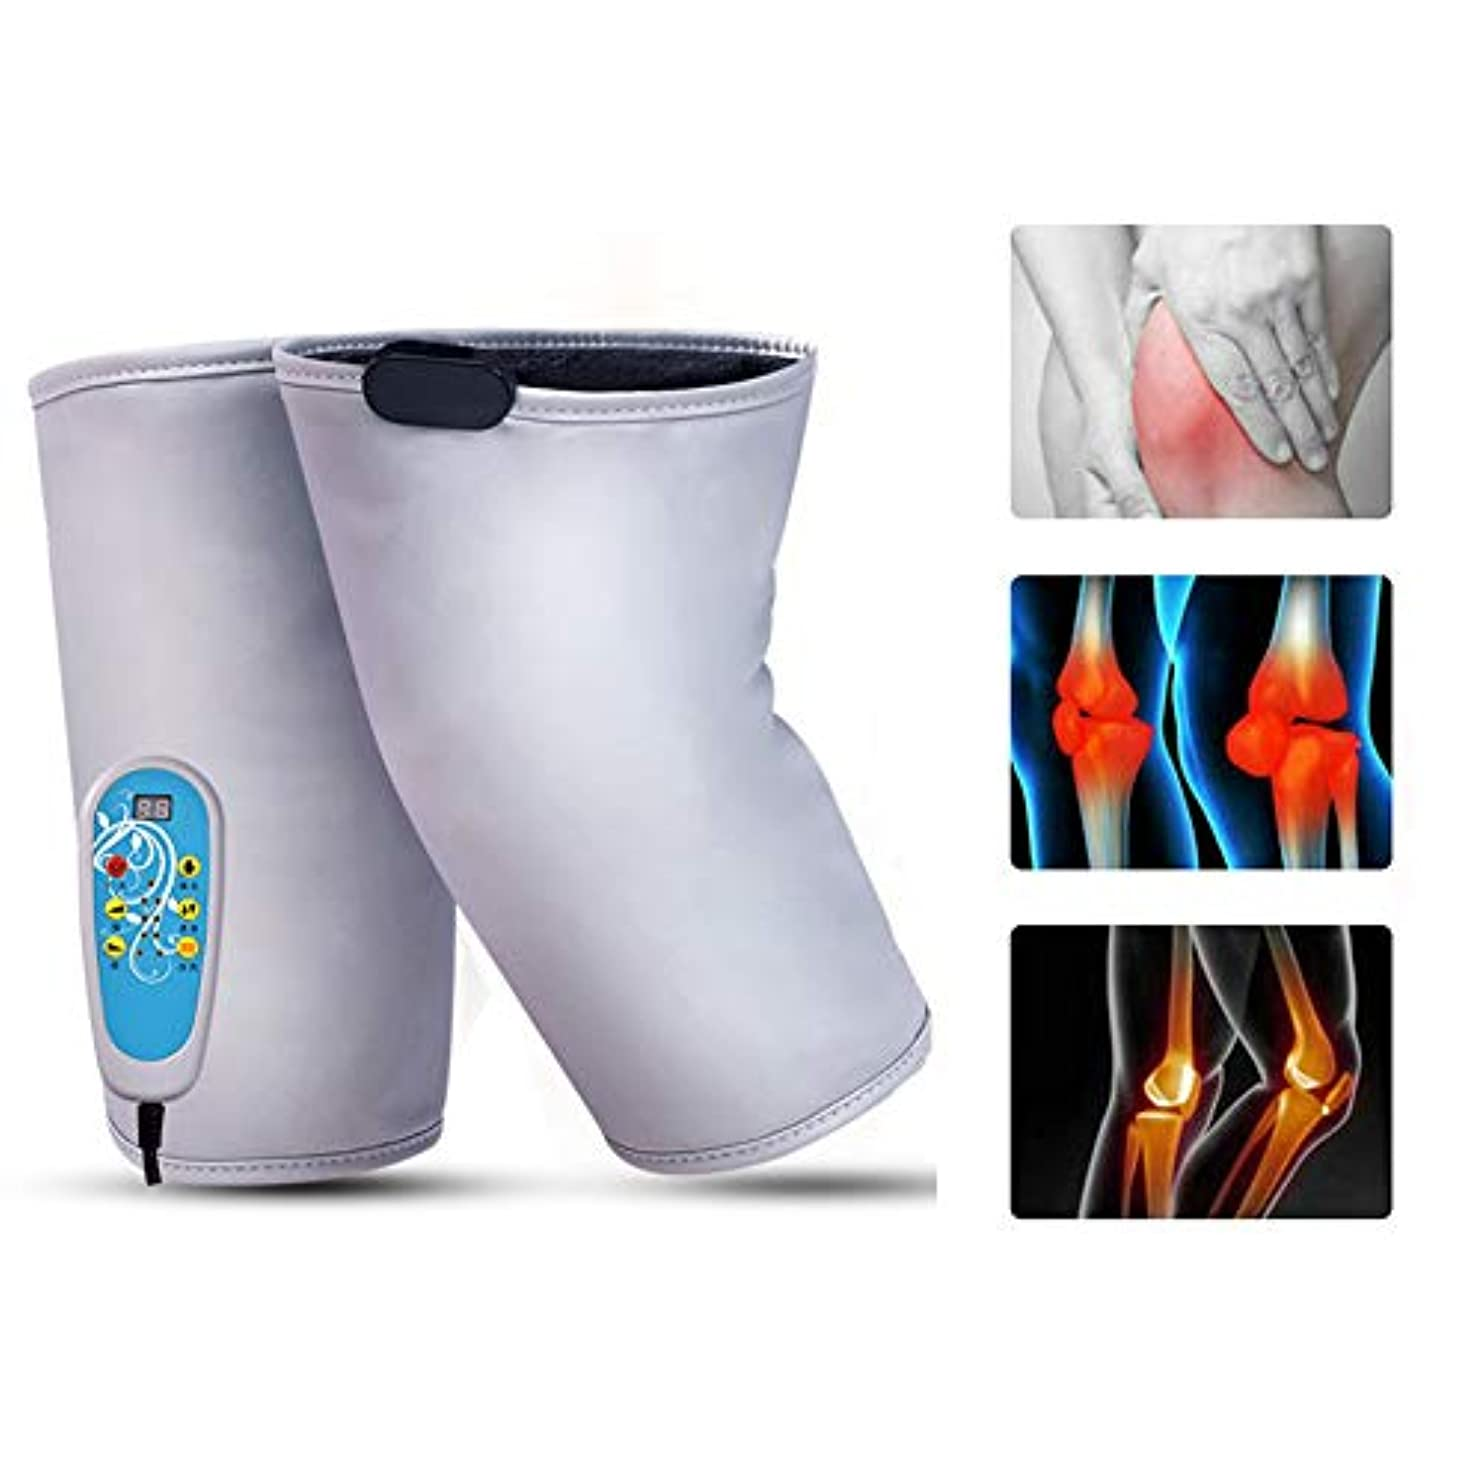 出撃者丘シネマ暖房膝装具サポート1対加熱膝パッドウォームラップ - 膝のけが、痛みを軽減するための9マッサージモードのセラピーマッサージャー